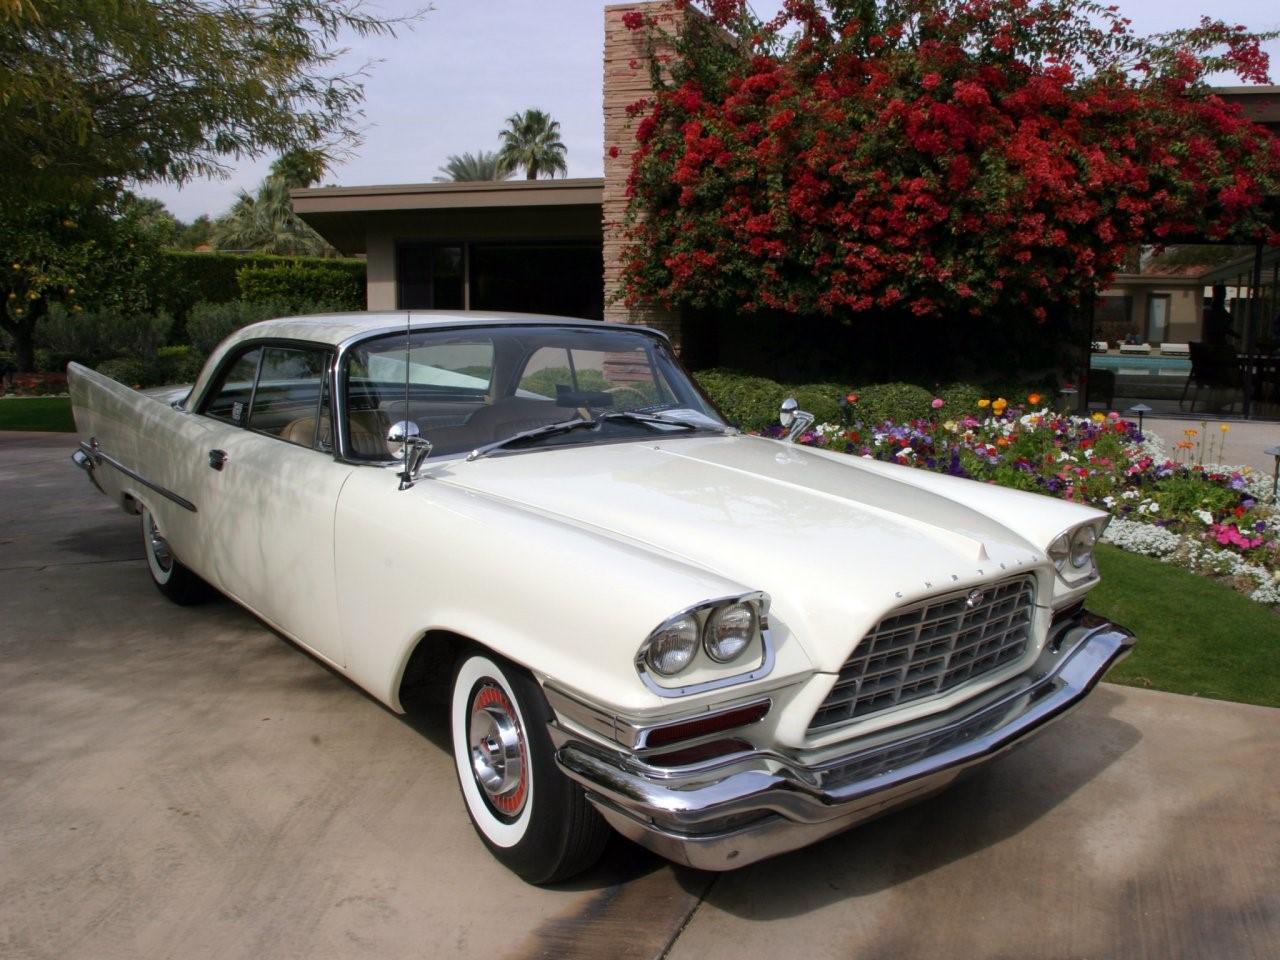 1958 Chrysler 300D hardtop coupé